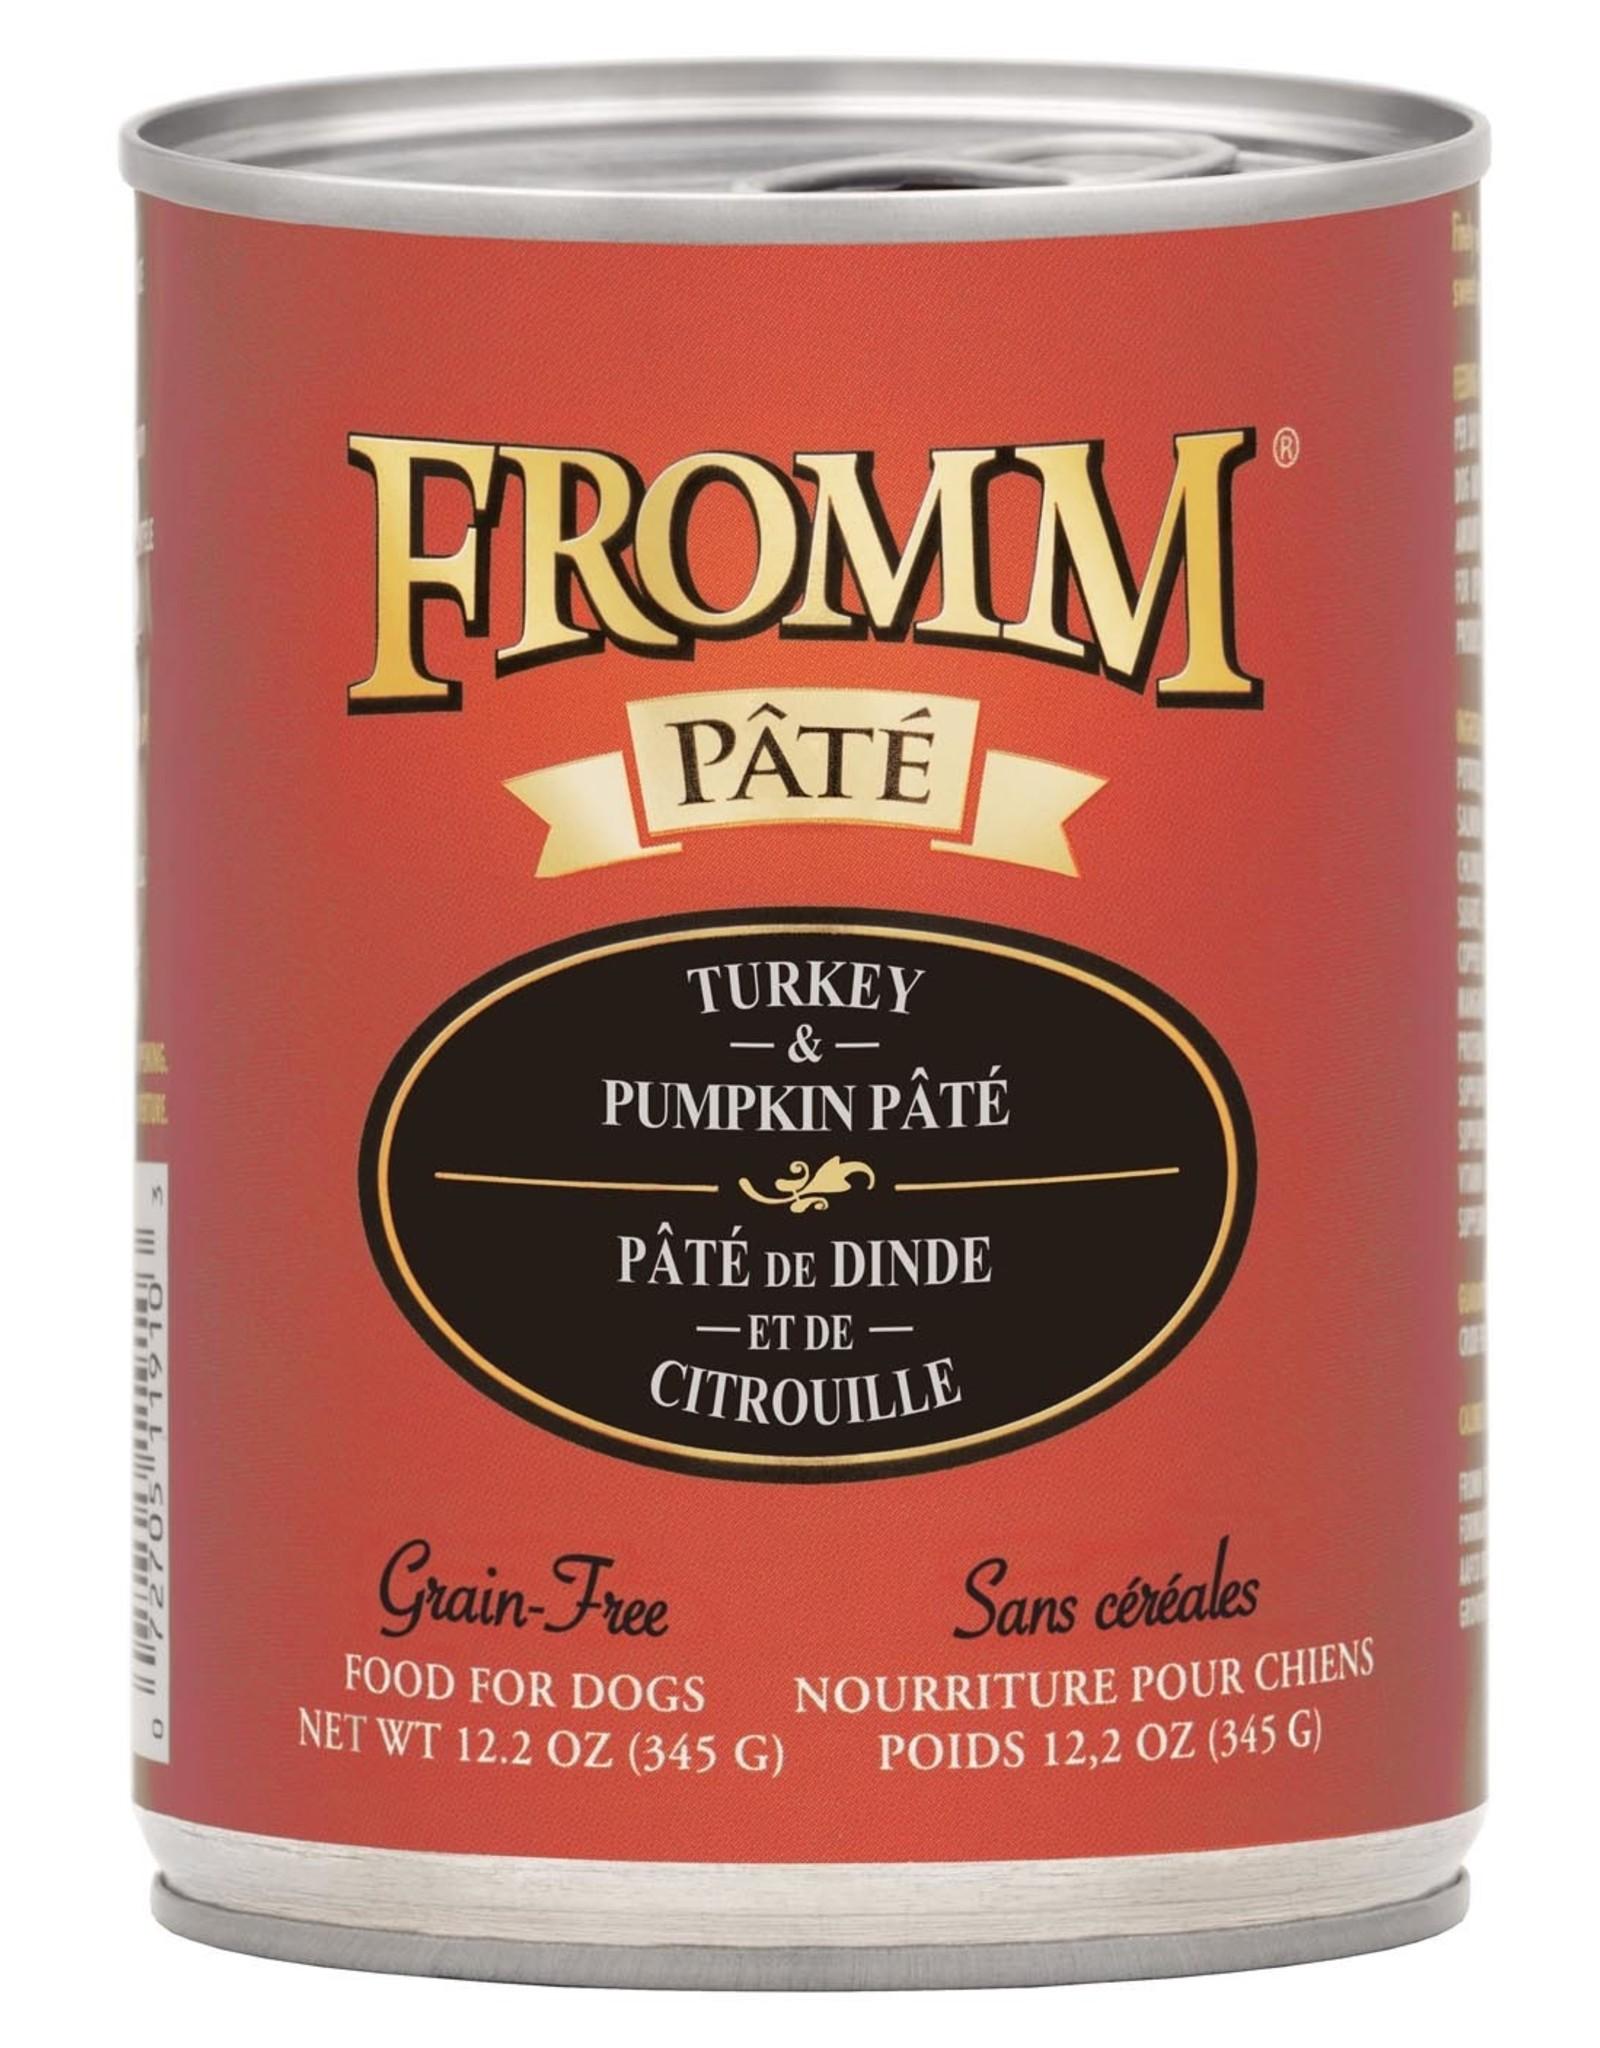 Fromm Fromm Grain Free Turkey & Pumpkin Pate: Can, 12.2 oz